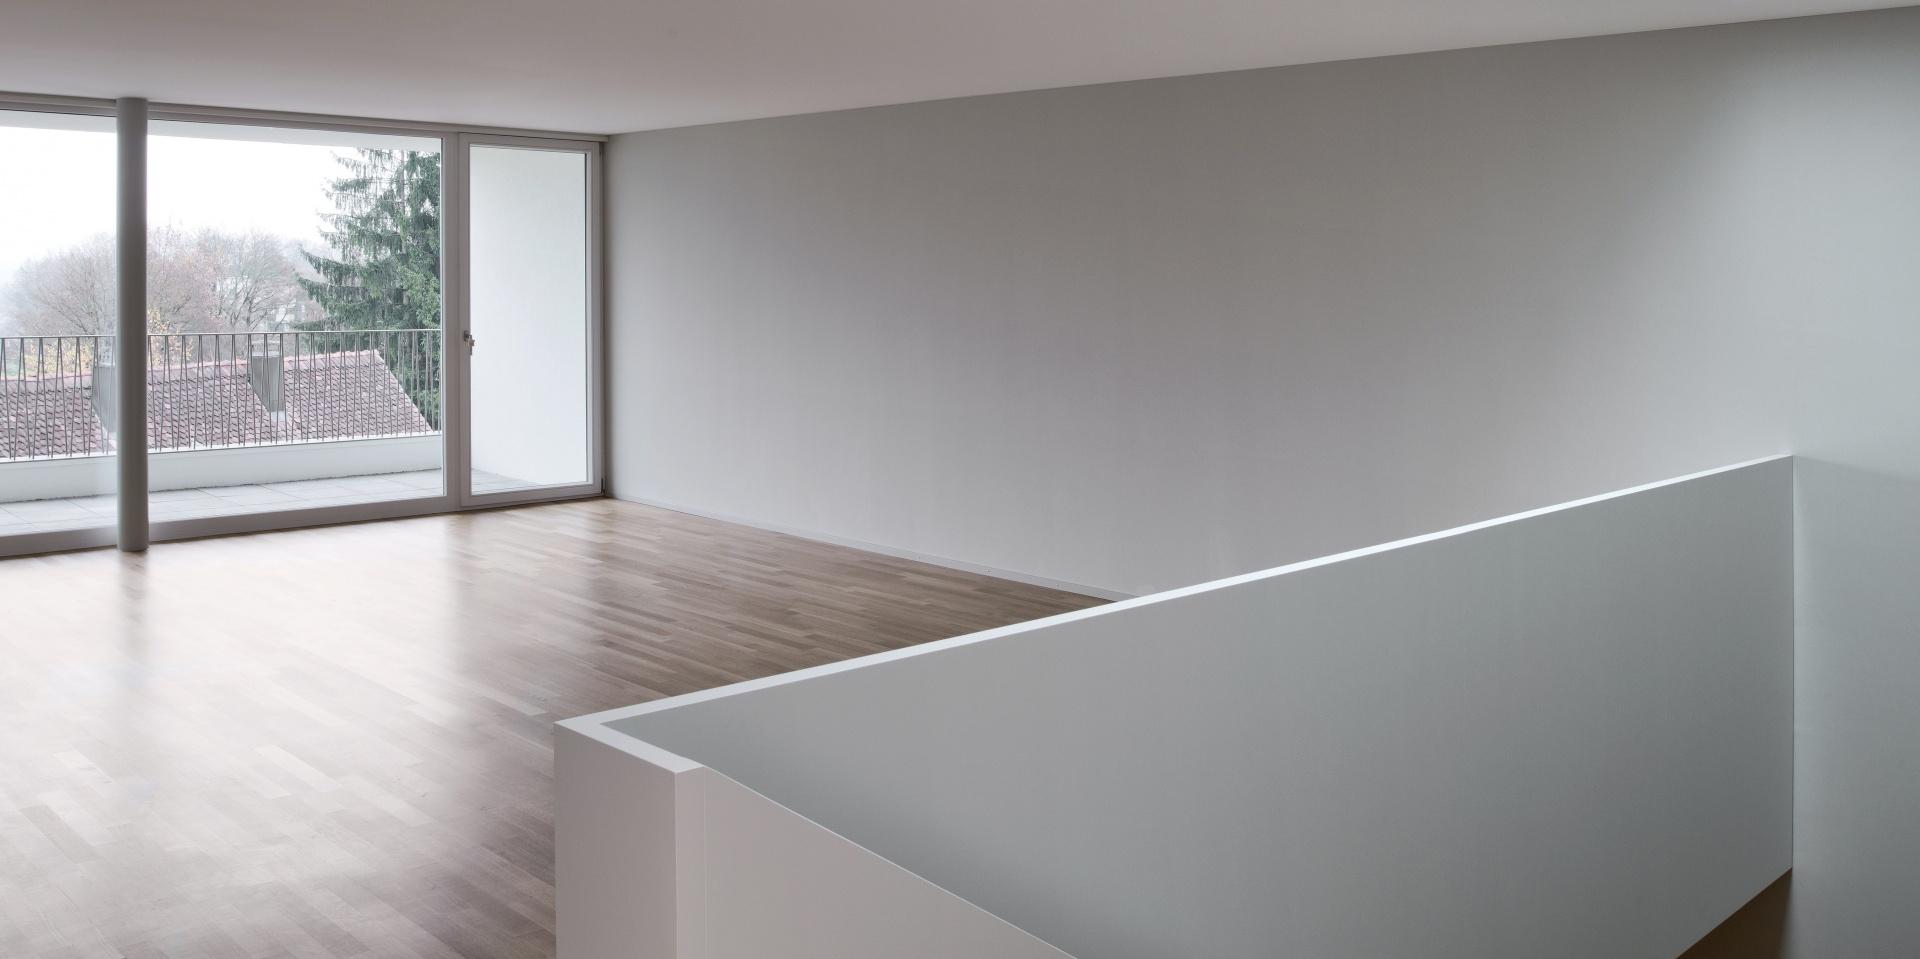 Wohnen und Treppenhaus  © René Rötheli, Atelier Fotografie, Bruggerstrasse 37 5400 Baden